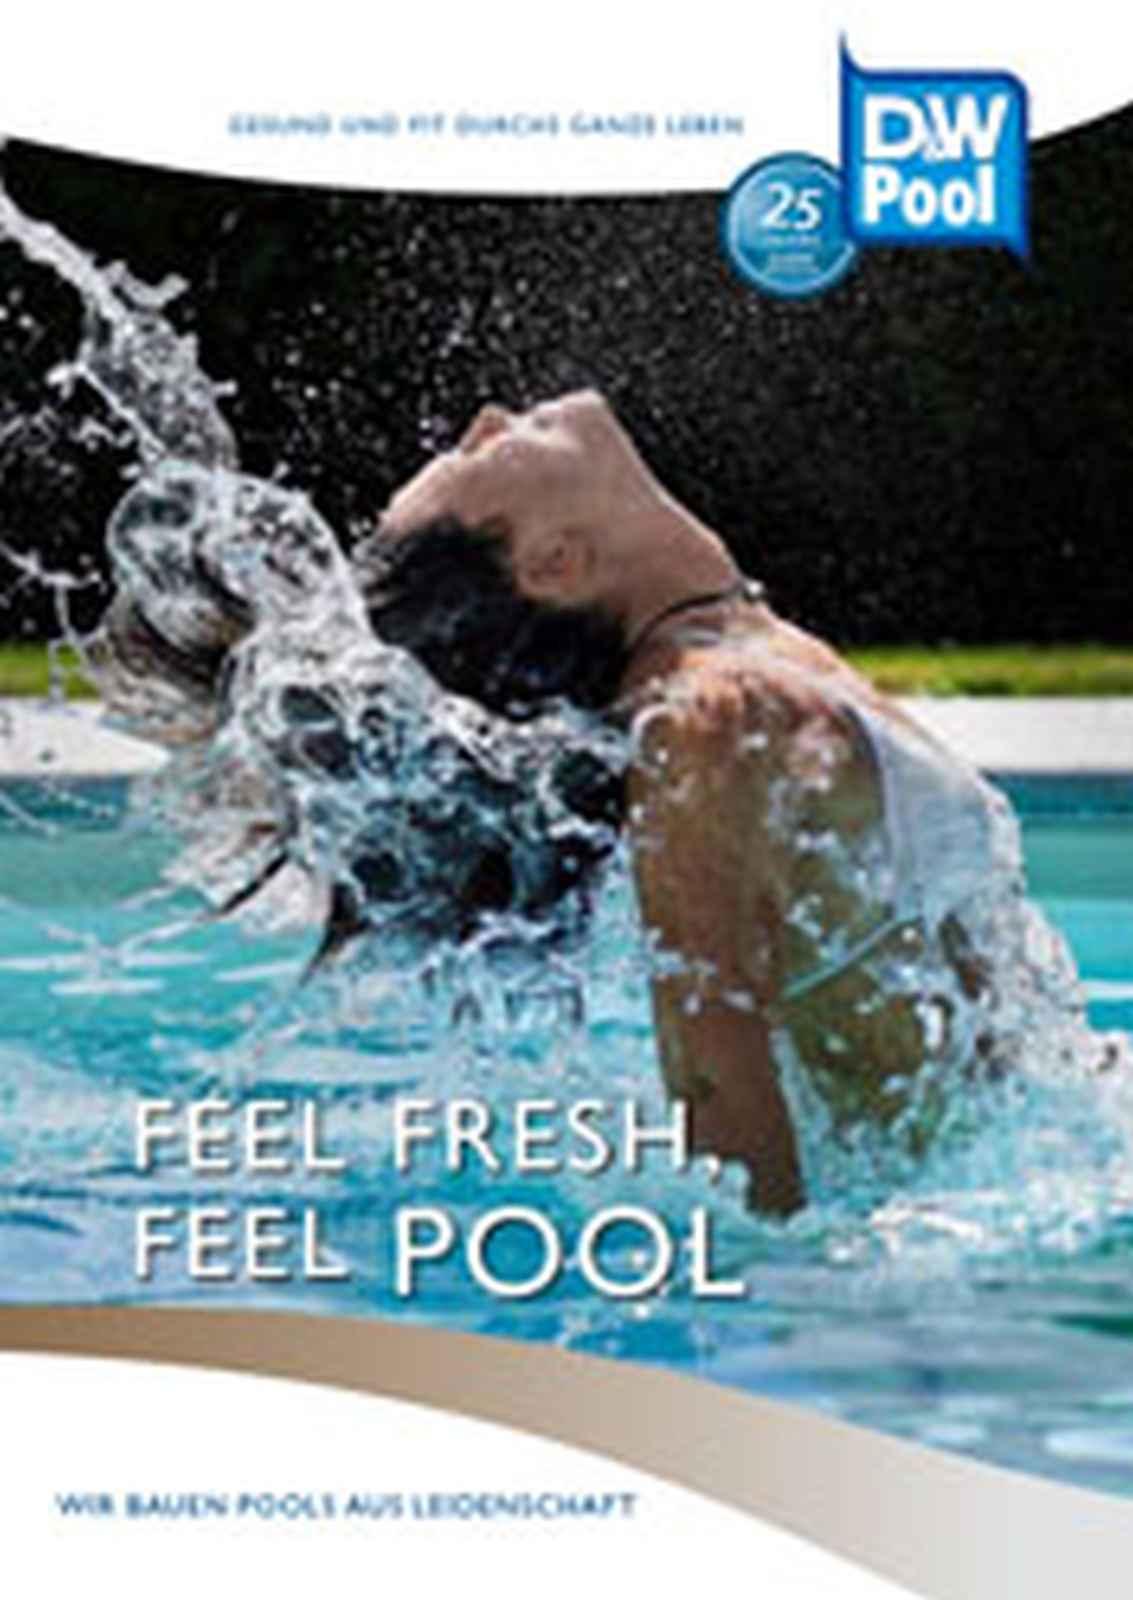 D&W Pool - Katalog 2010